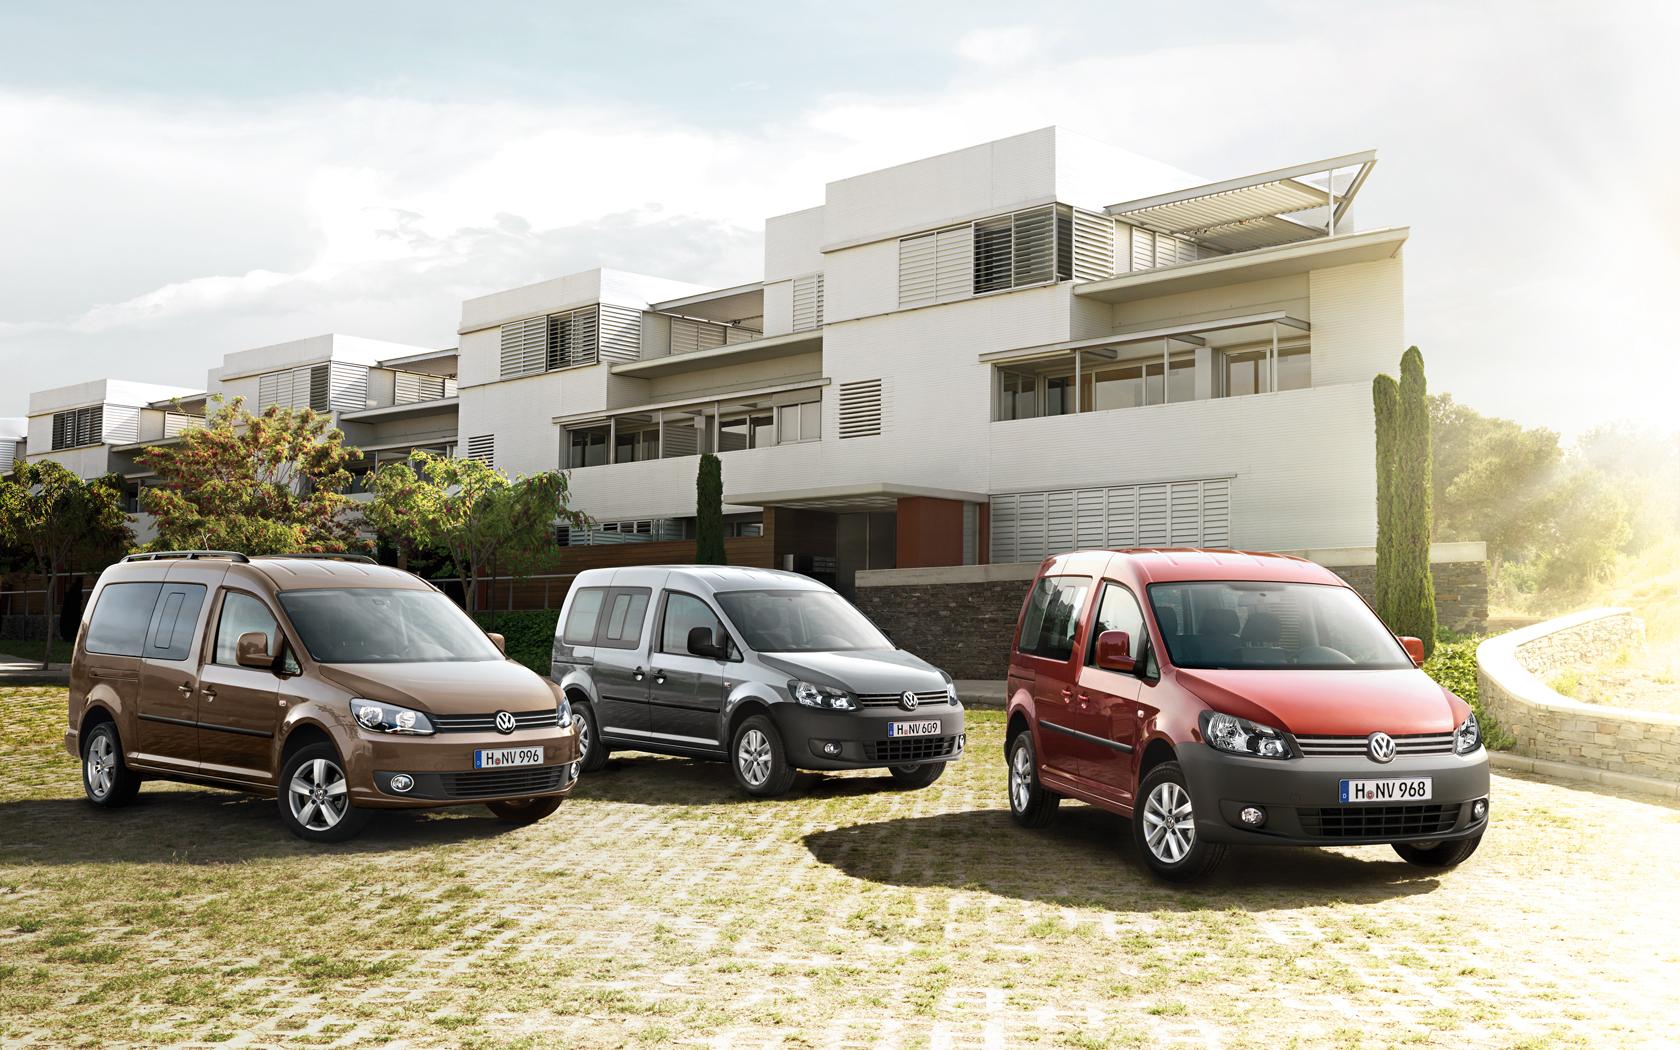 Volkswagen Caddy Specs Photos 2013 2014 2015 2016 2017 2018